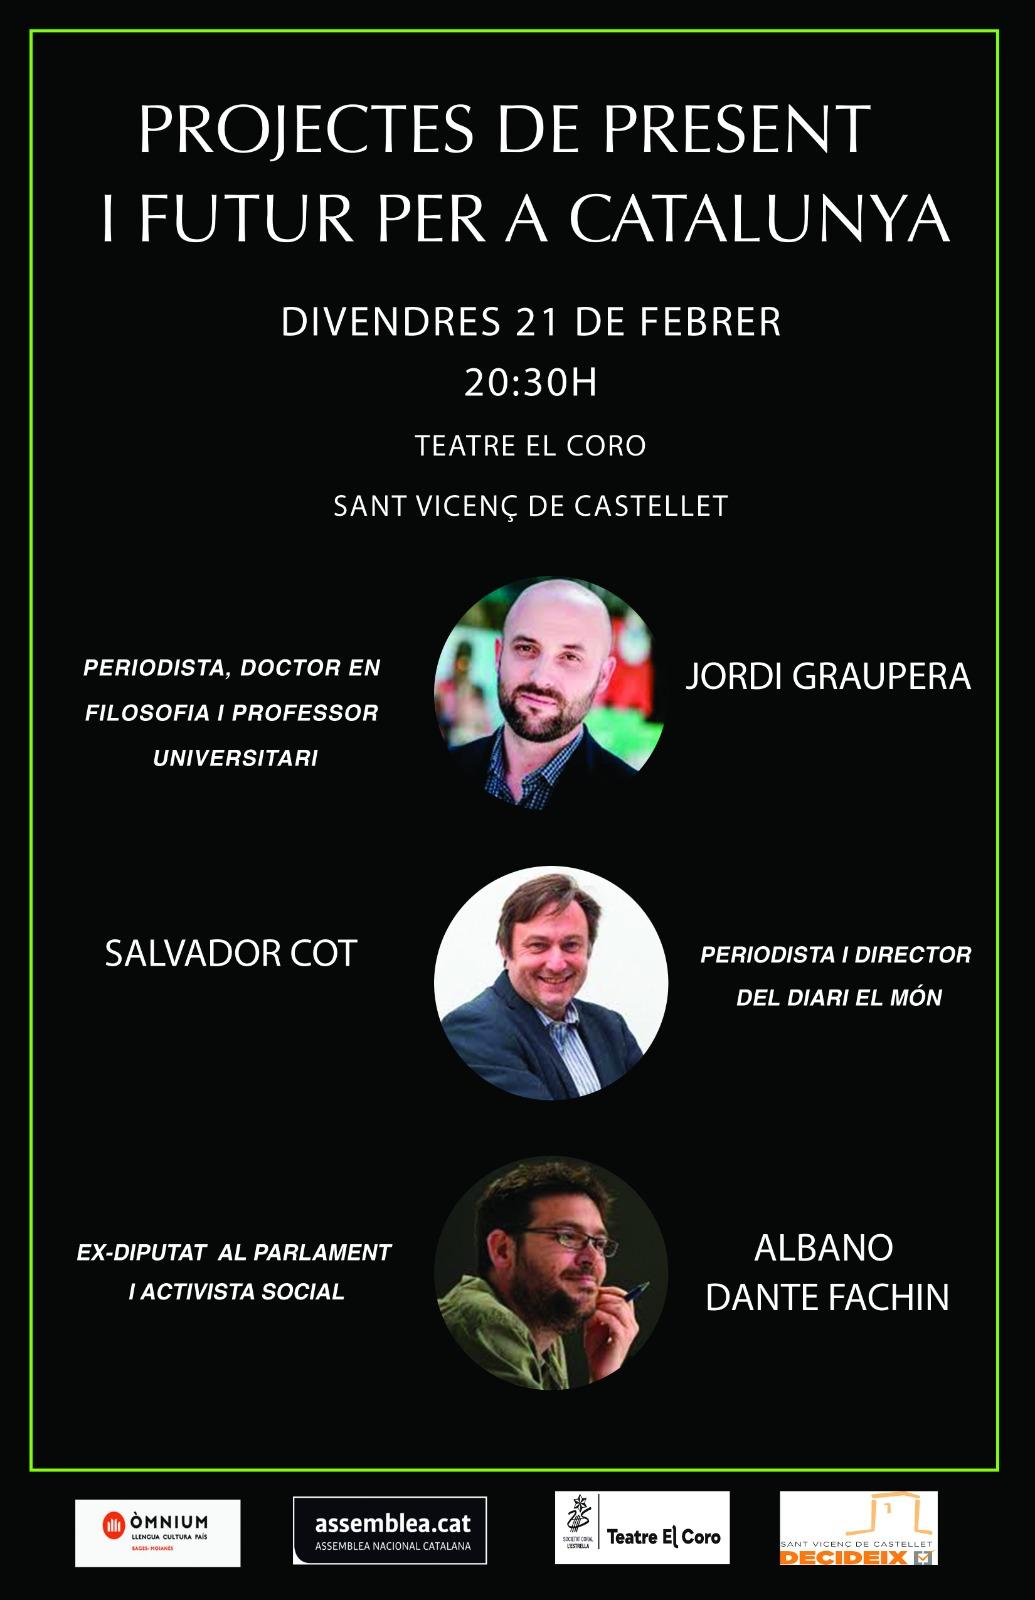 Projectes de present i futur per a Catalunya